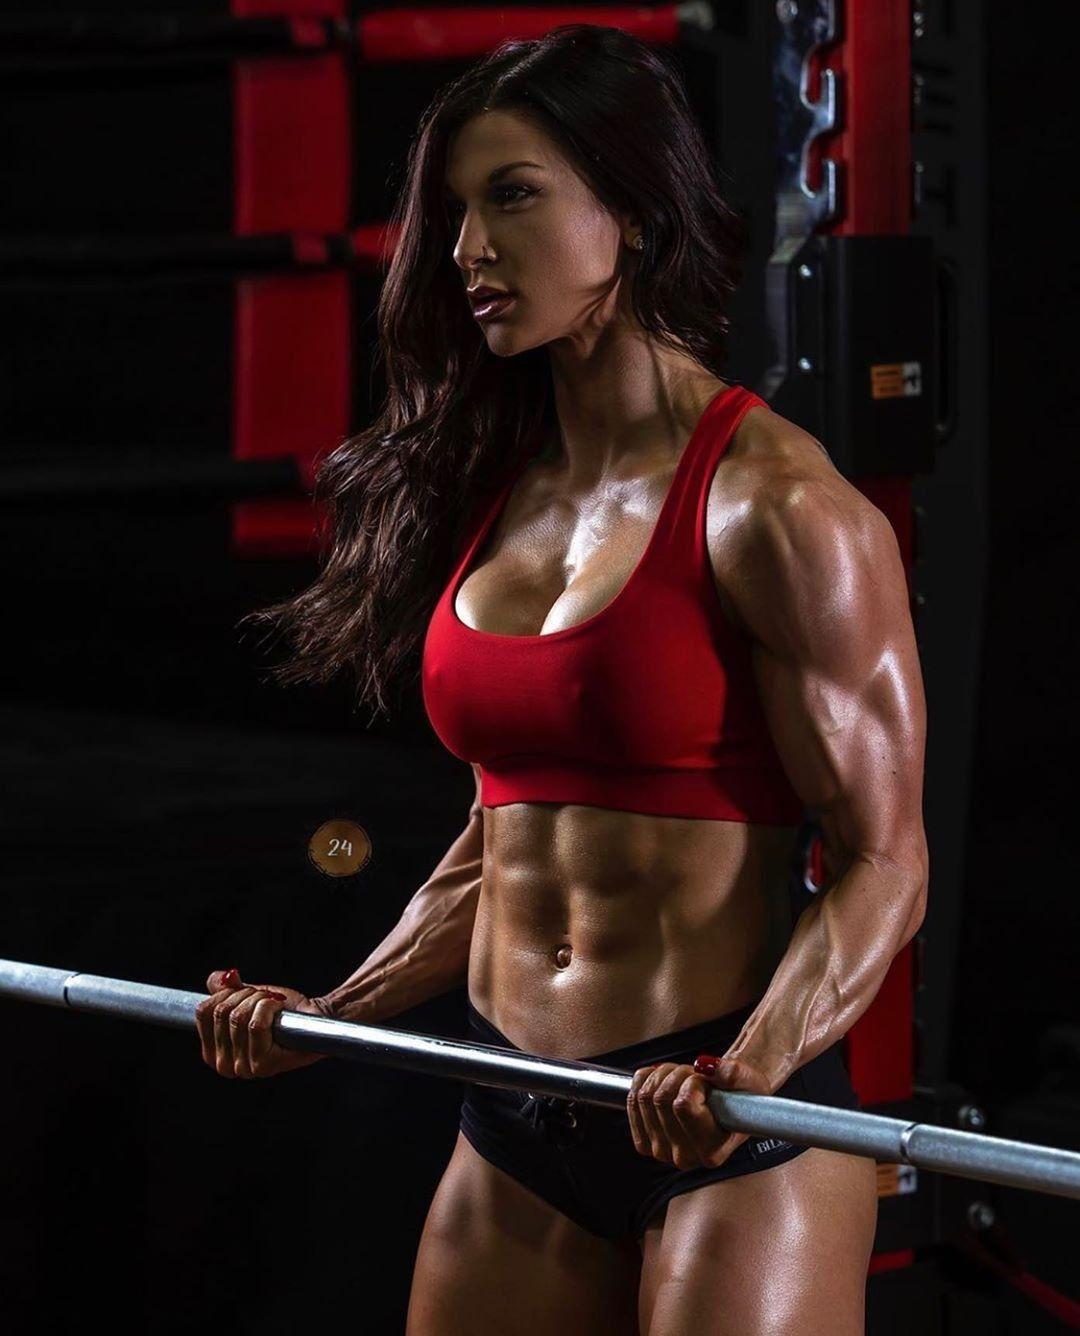 Pin By Tom Jones12345 On Fit 1 Muscle Women Muscle Girls Fitness Models Female